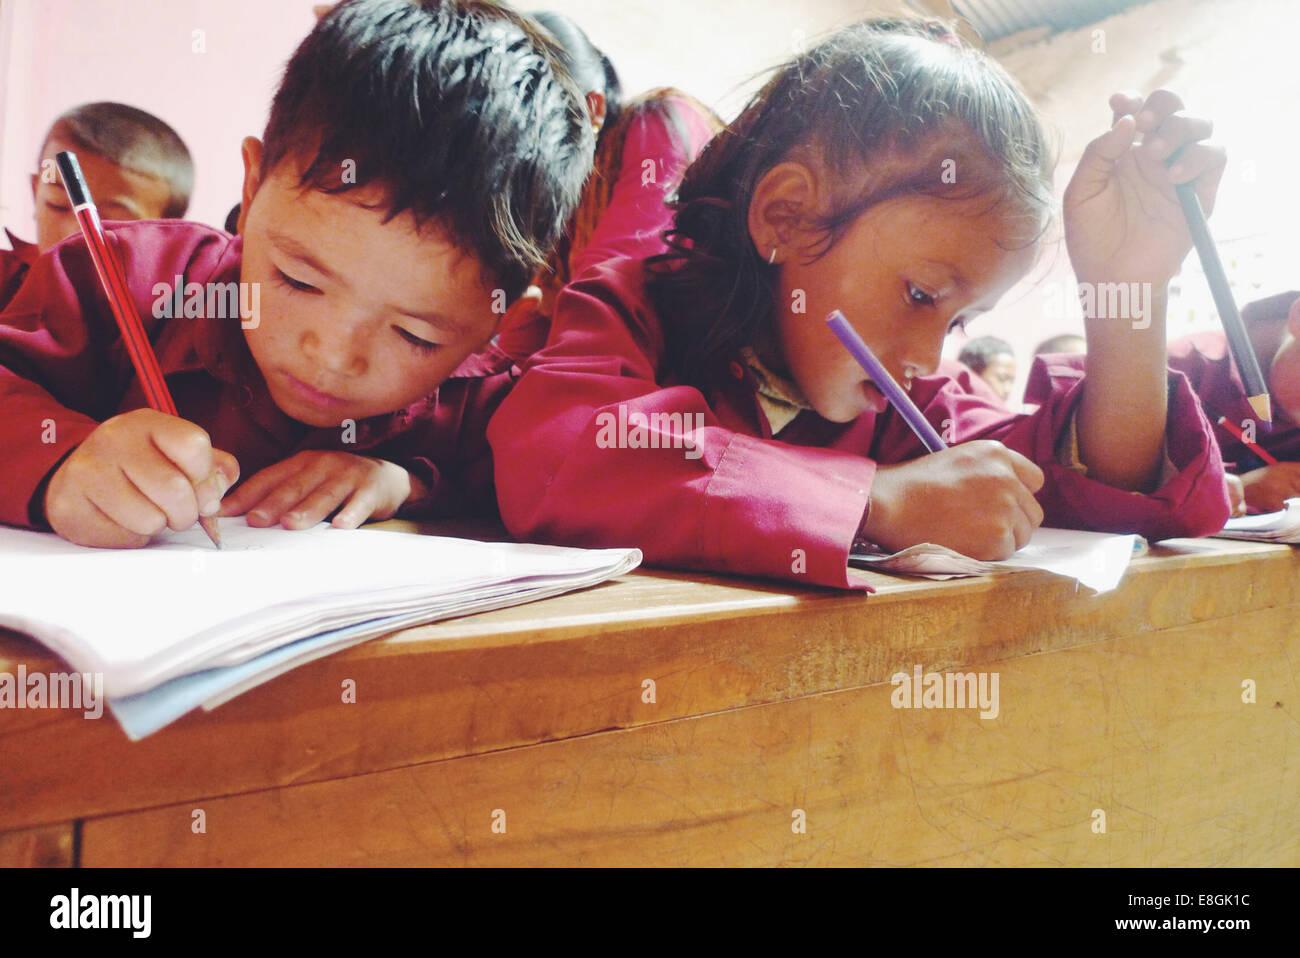 Les enfants de l'école en classe d'écriture Photo Stock